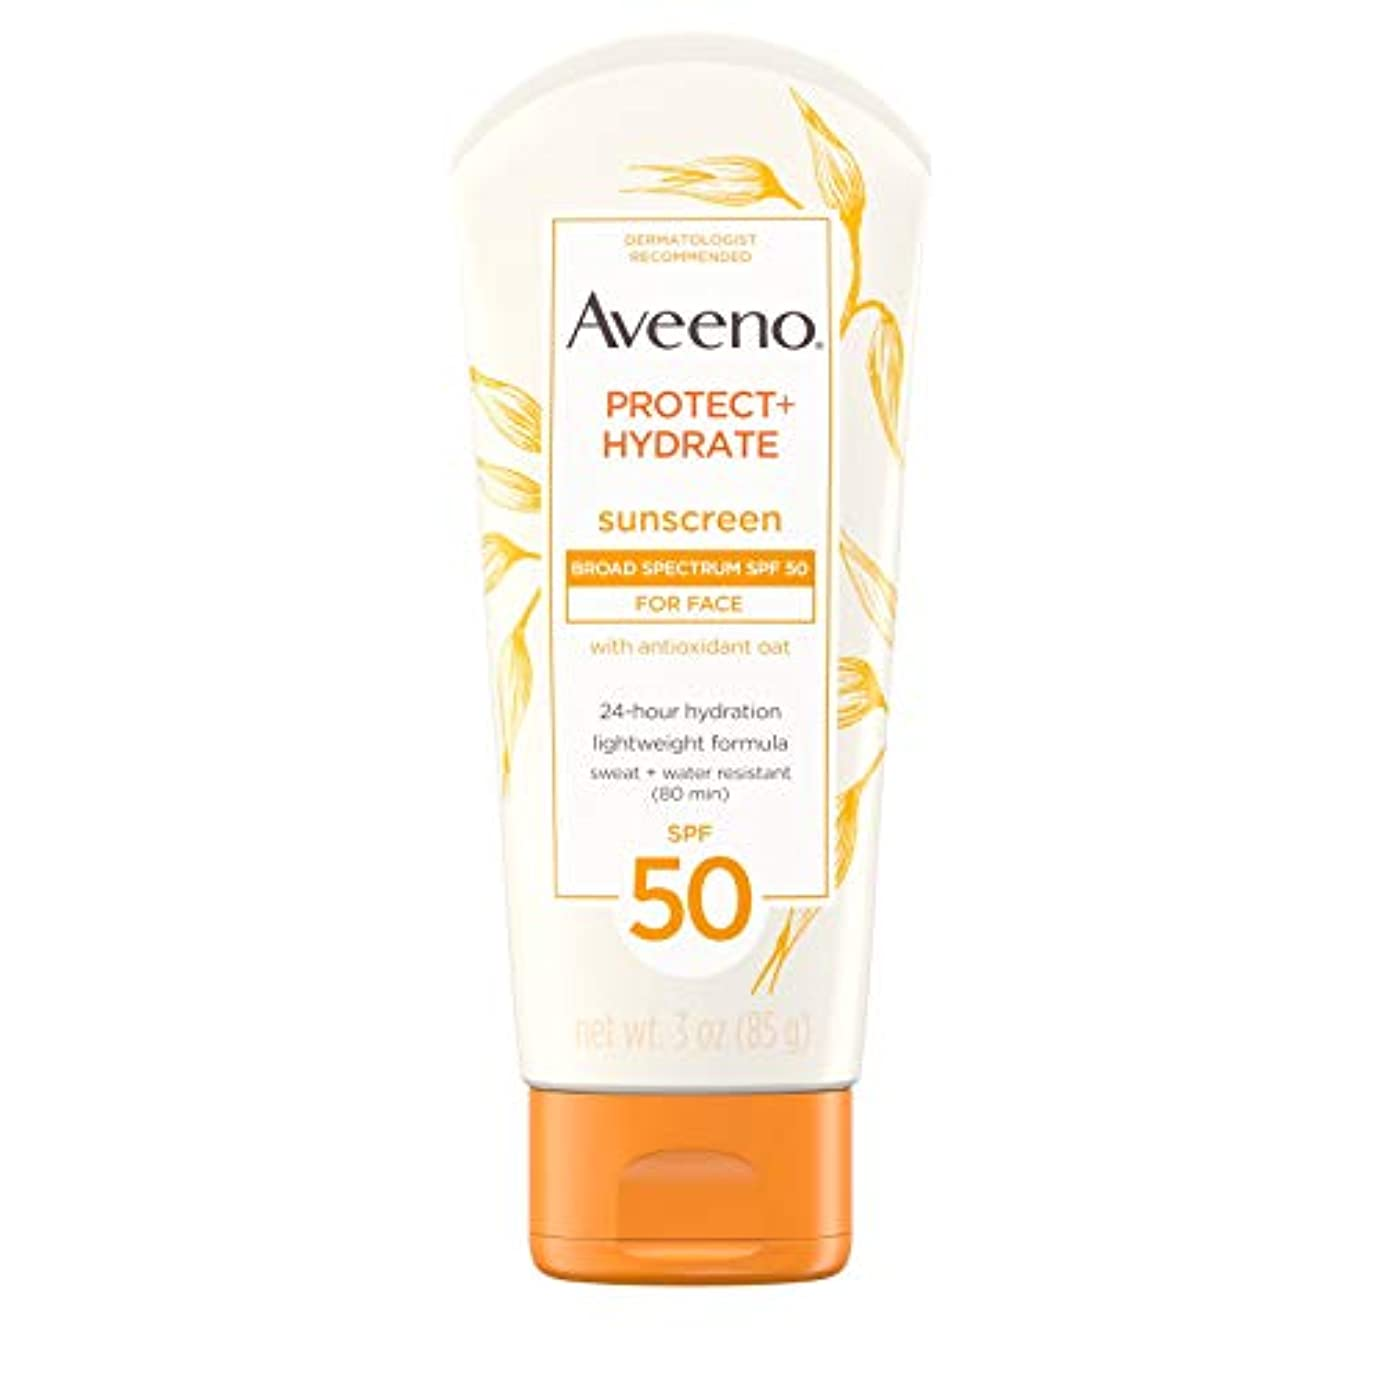 拳侵入する修羅場Aveeno アビーノ 日焼け止め ローションSPF-50 protect+hydrate Sunscreen Lotion(平行輸入品) 85g (3Oz)